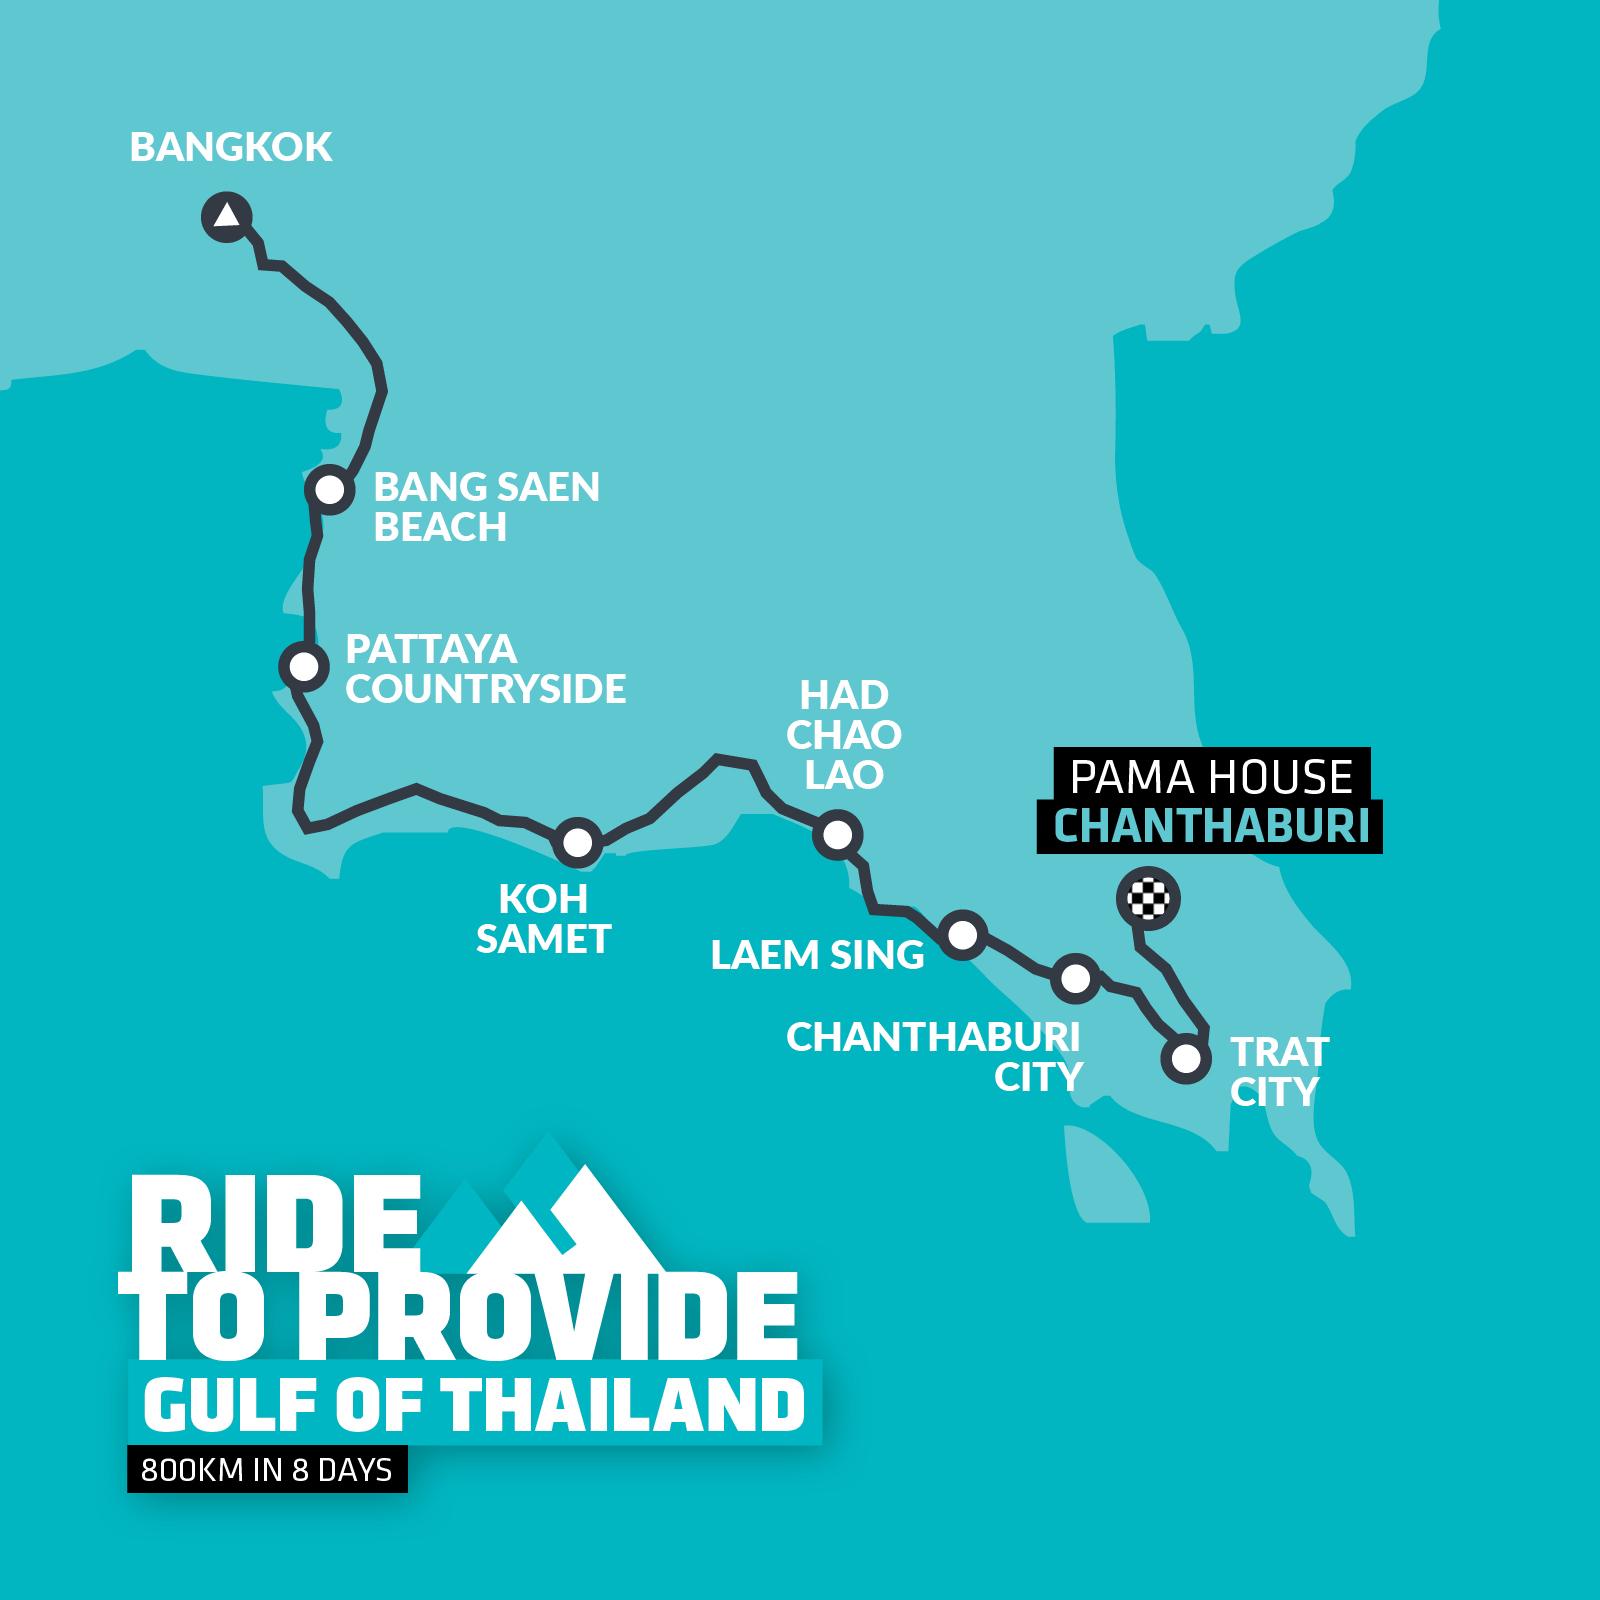 Maps 800km PAMA